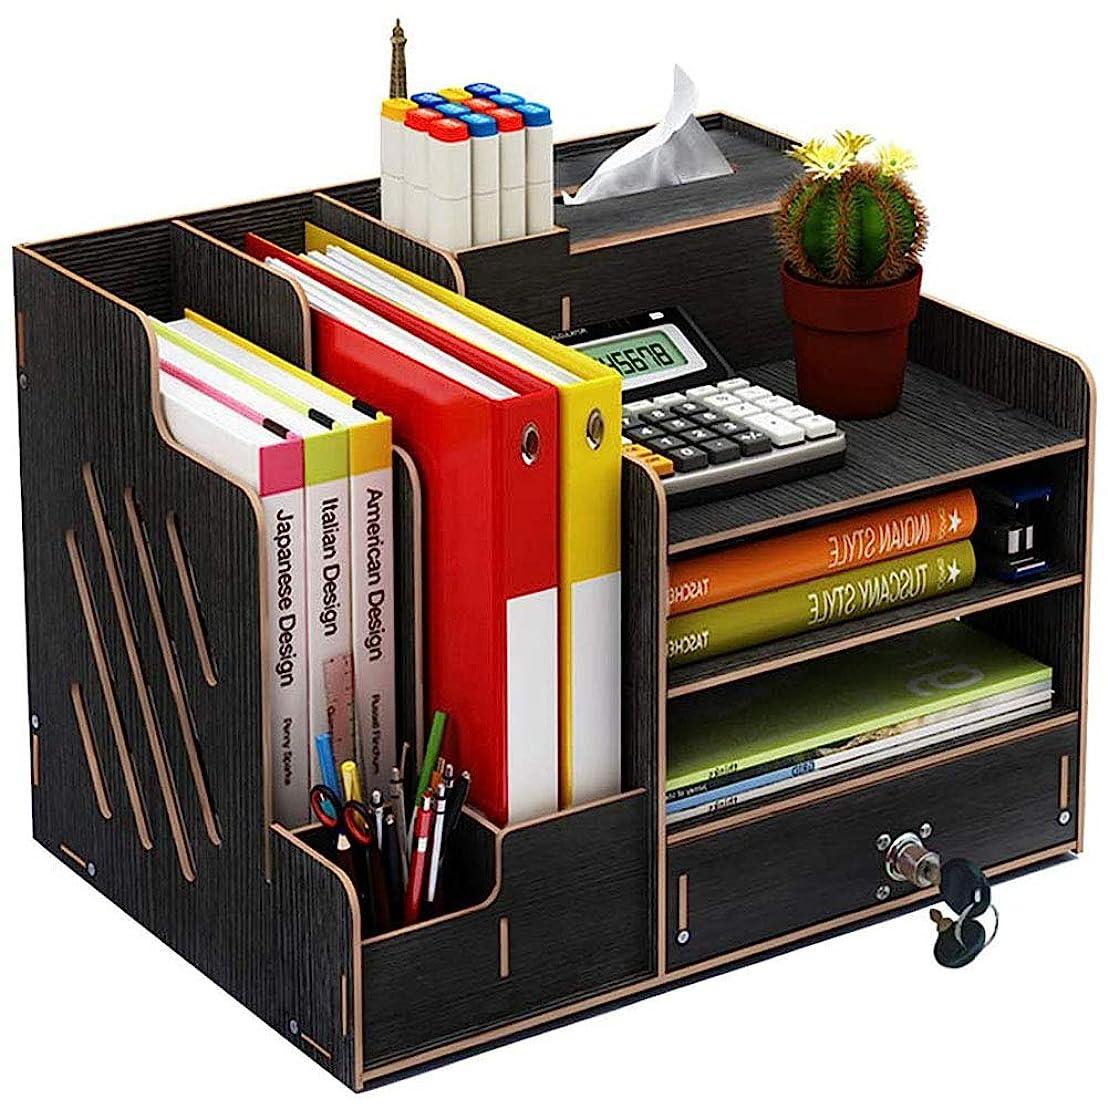 繁栄する線ステープル主催木製の机、DIYのための大容量、事務用品、ファイルストレージ、雑誌、文書、引き出しオーガナイザー、ペンホルダーボックス